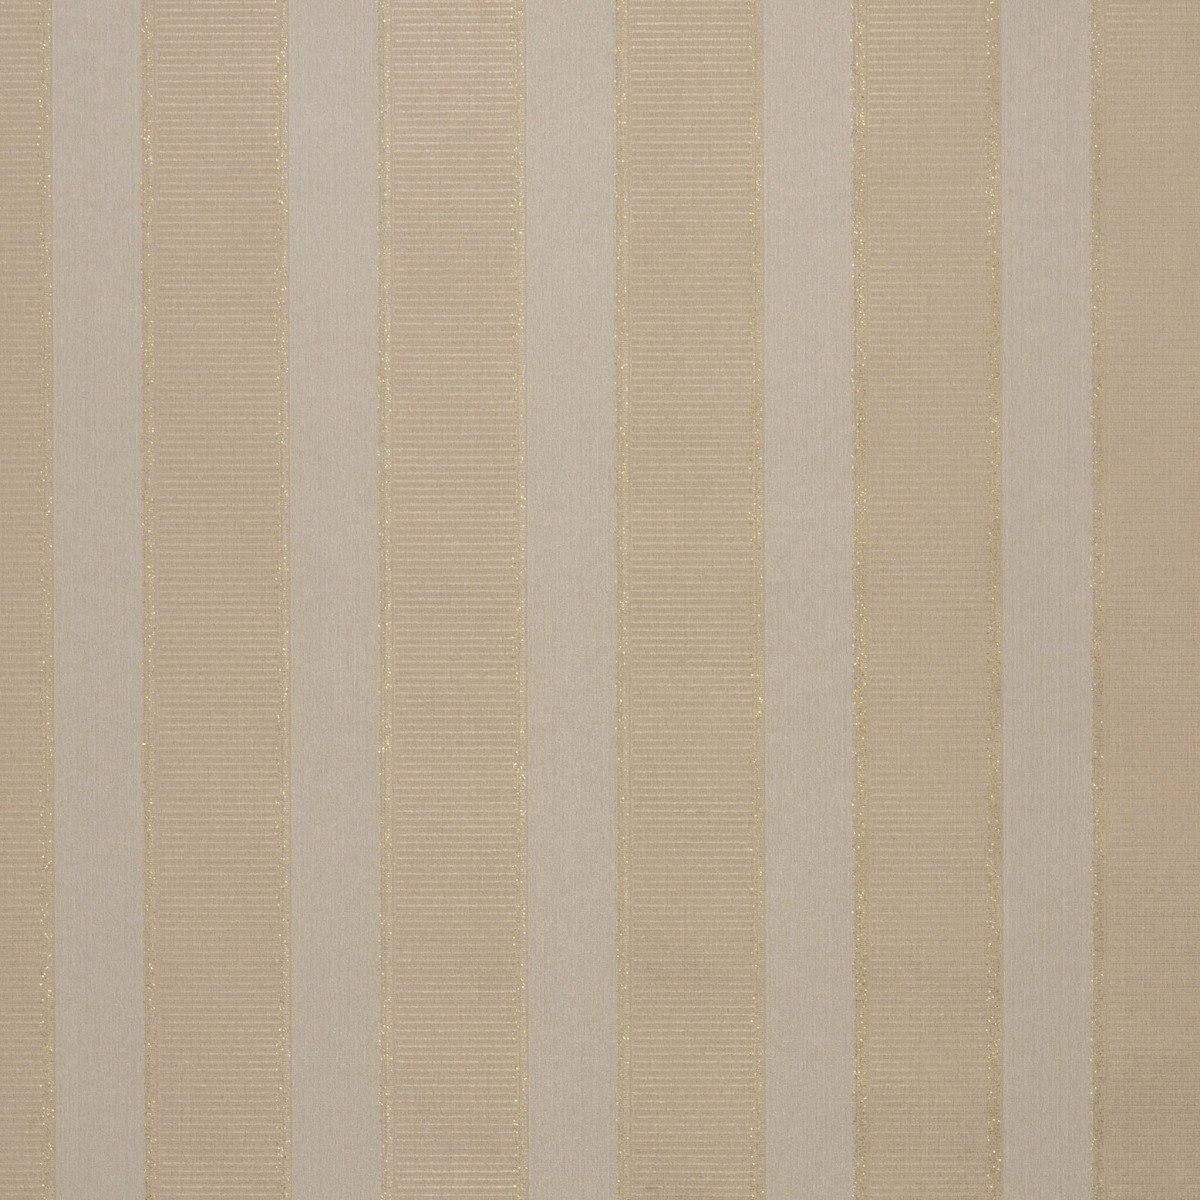 Papel de parede vin lico listrado bege com dourado - Papel vinilico para paredes ...